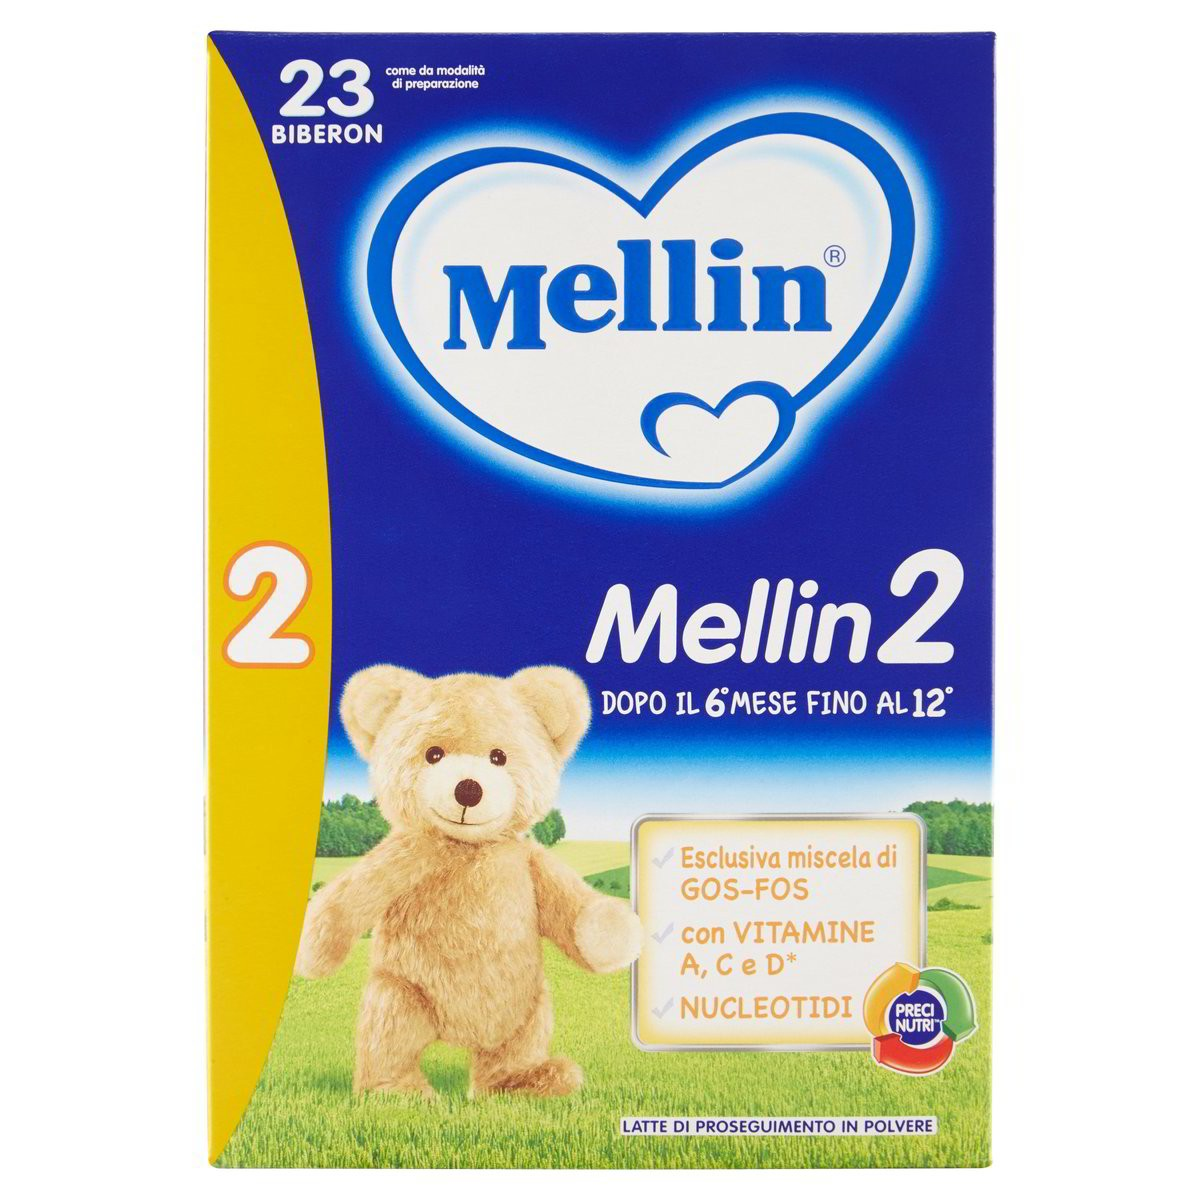 Mellin Latte in polvere di proseguimento Mellin 2